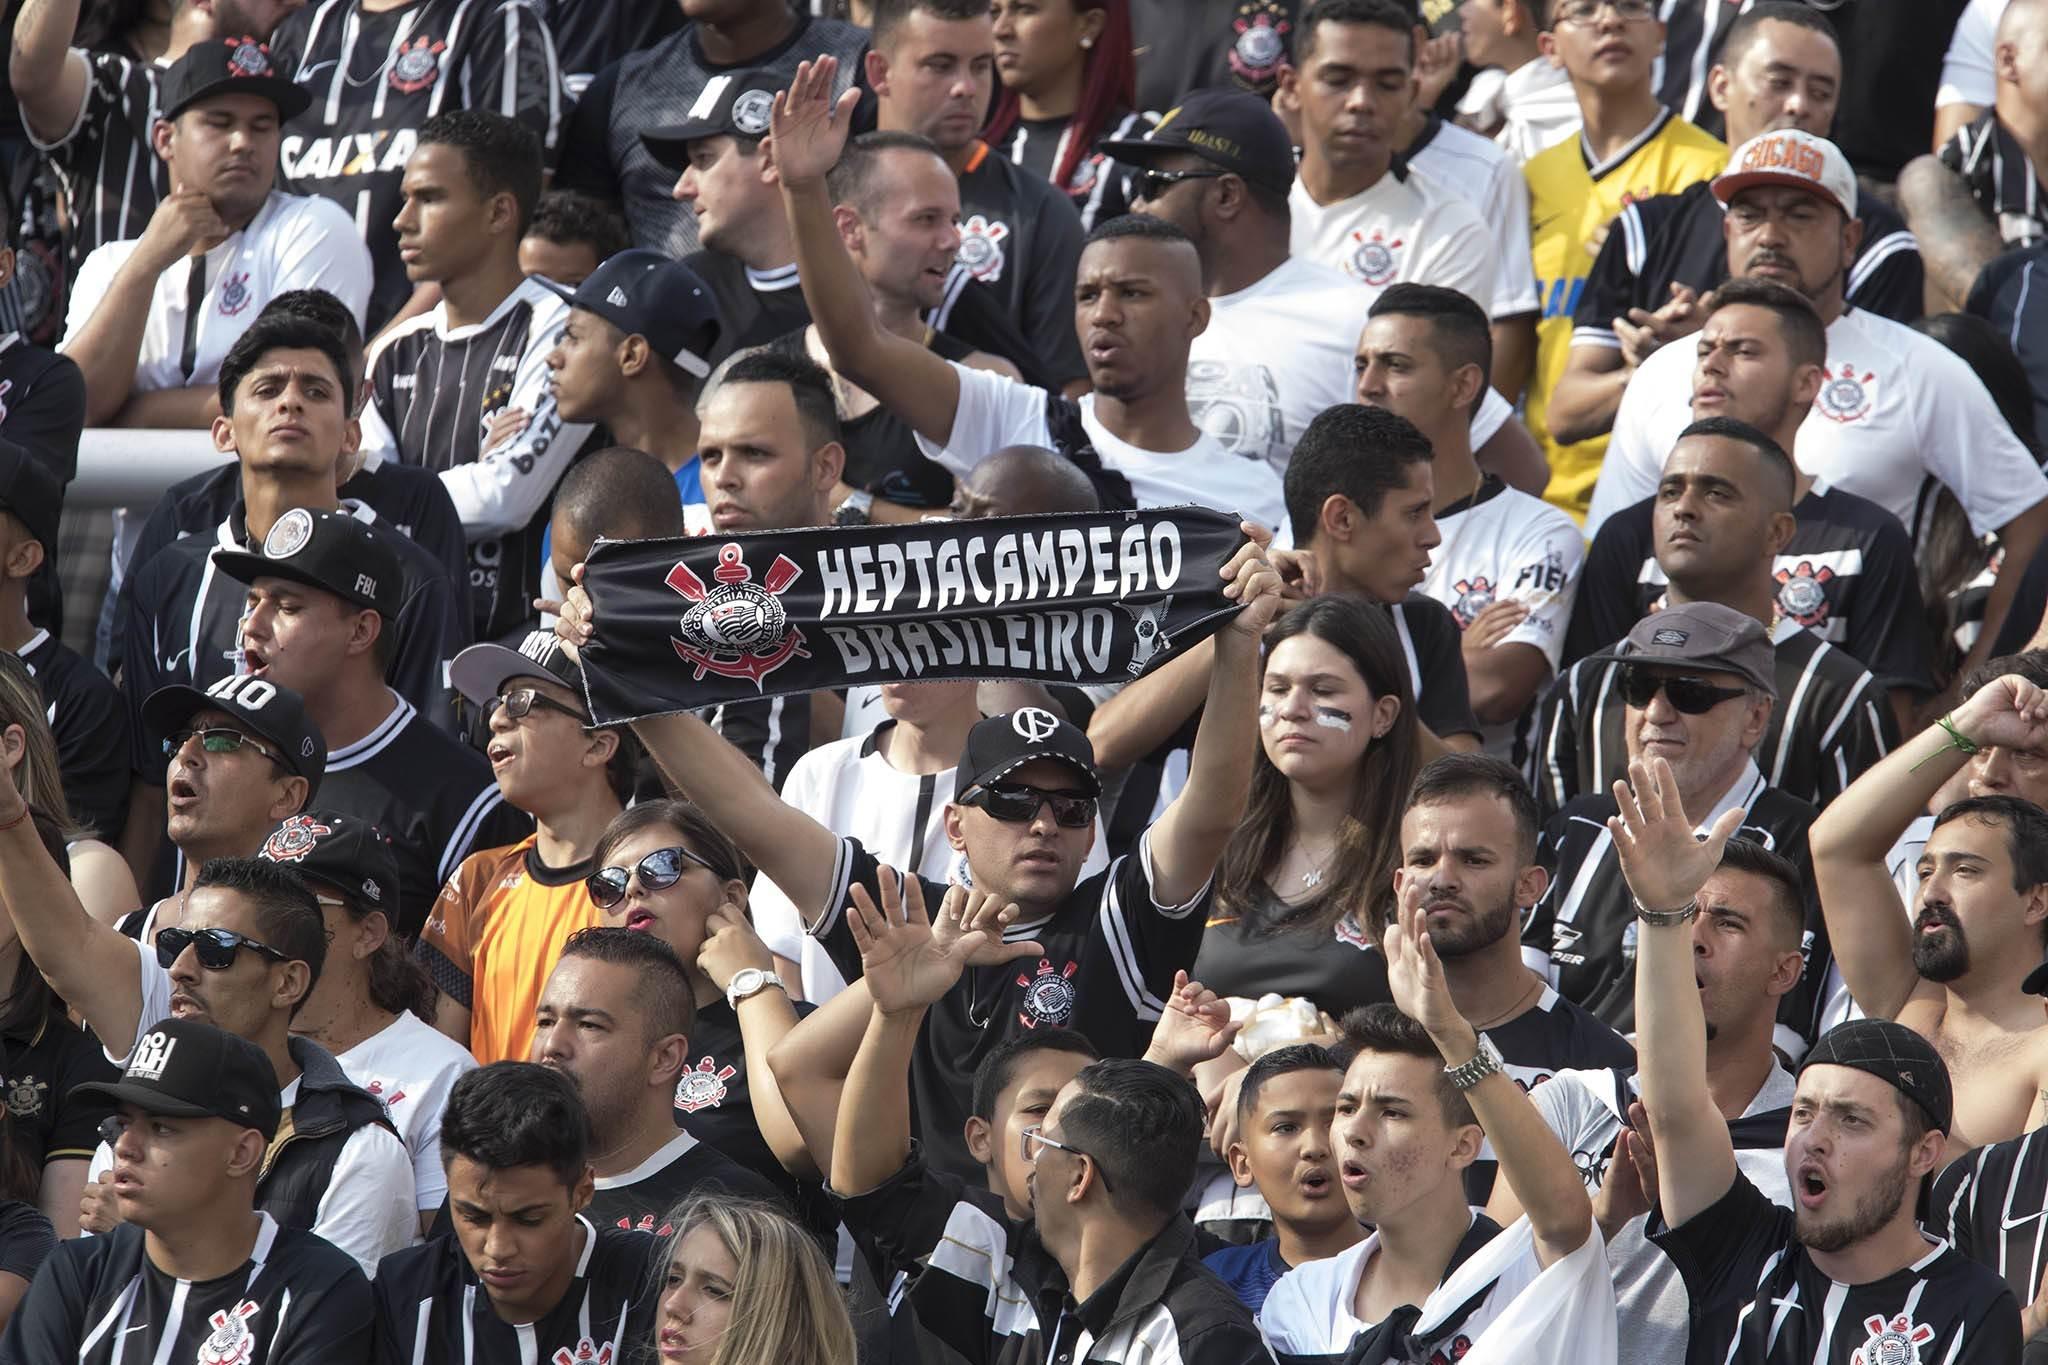 Jogo entre Corinthians/SP x Atletico/MG na Arena Corinthians, válido pela 37ª rodada do Campeonato Brasileiro de 2017 | Foto: Daniel Augusto Jr. / Ag. Corinthians